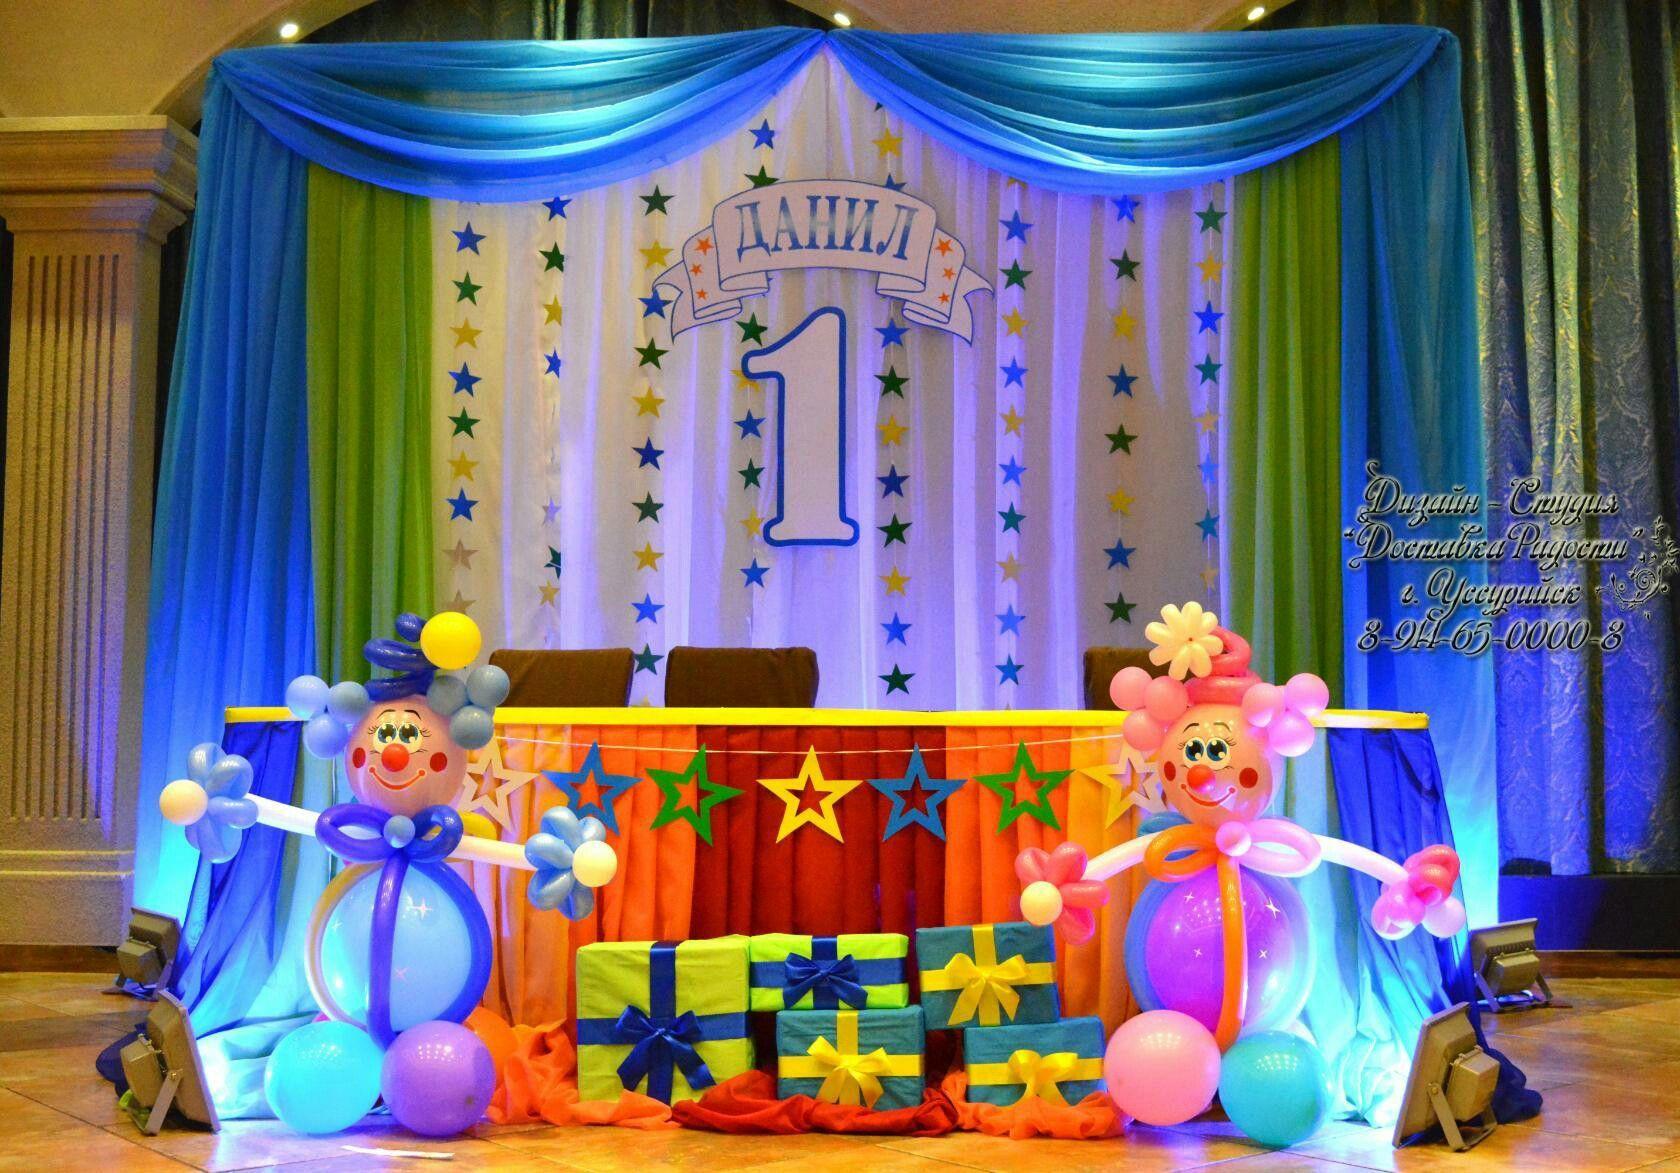 Dizajn Studiya Dostavka Radosti Https Www Instagram Com Svadba Ussur First Birthday Decorations Birthday Theme Decoration Birthday Party Decorations